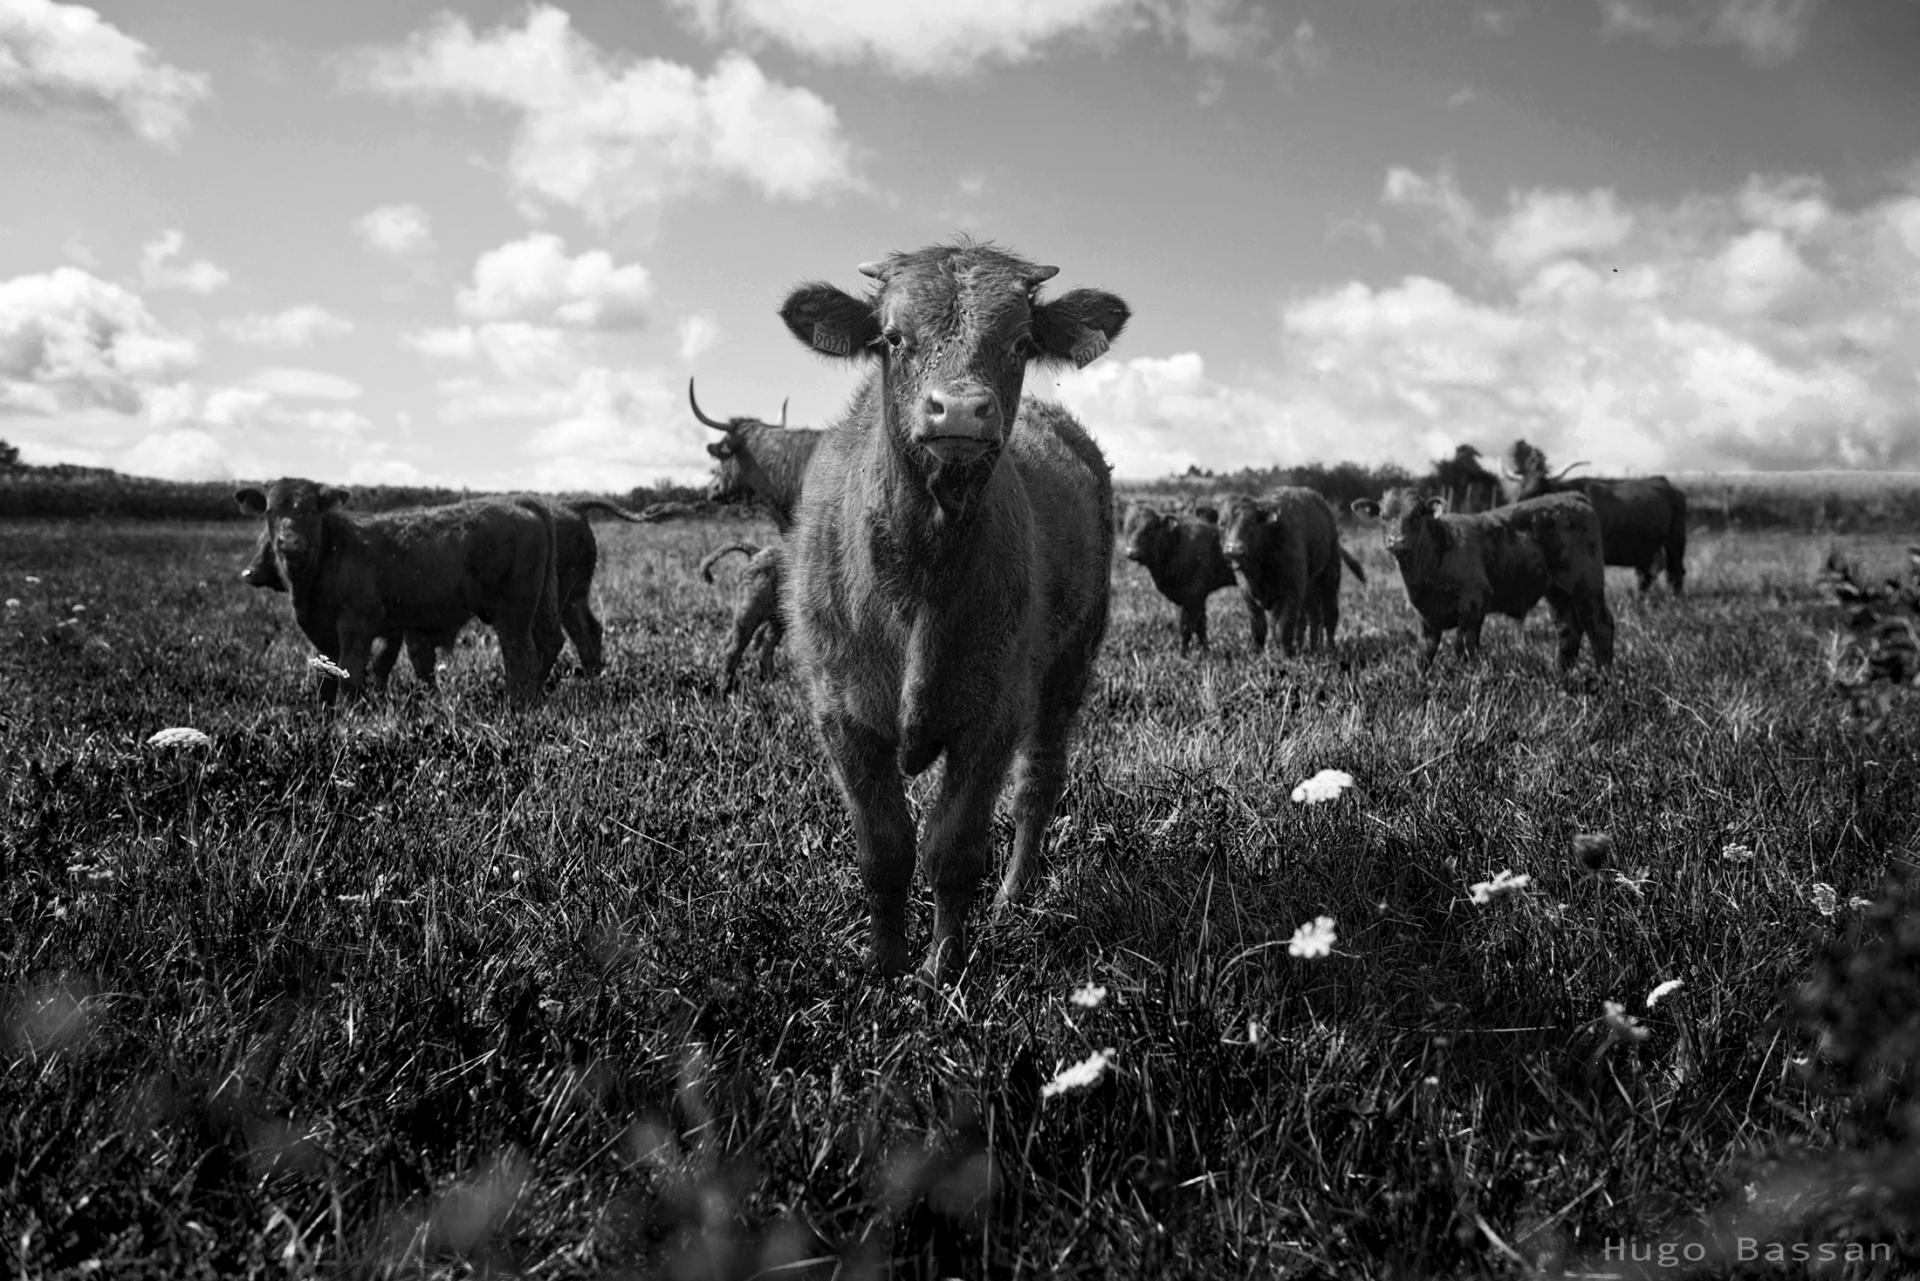 Calfs in the field